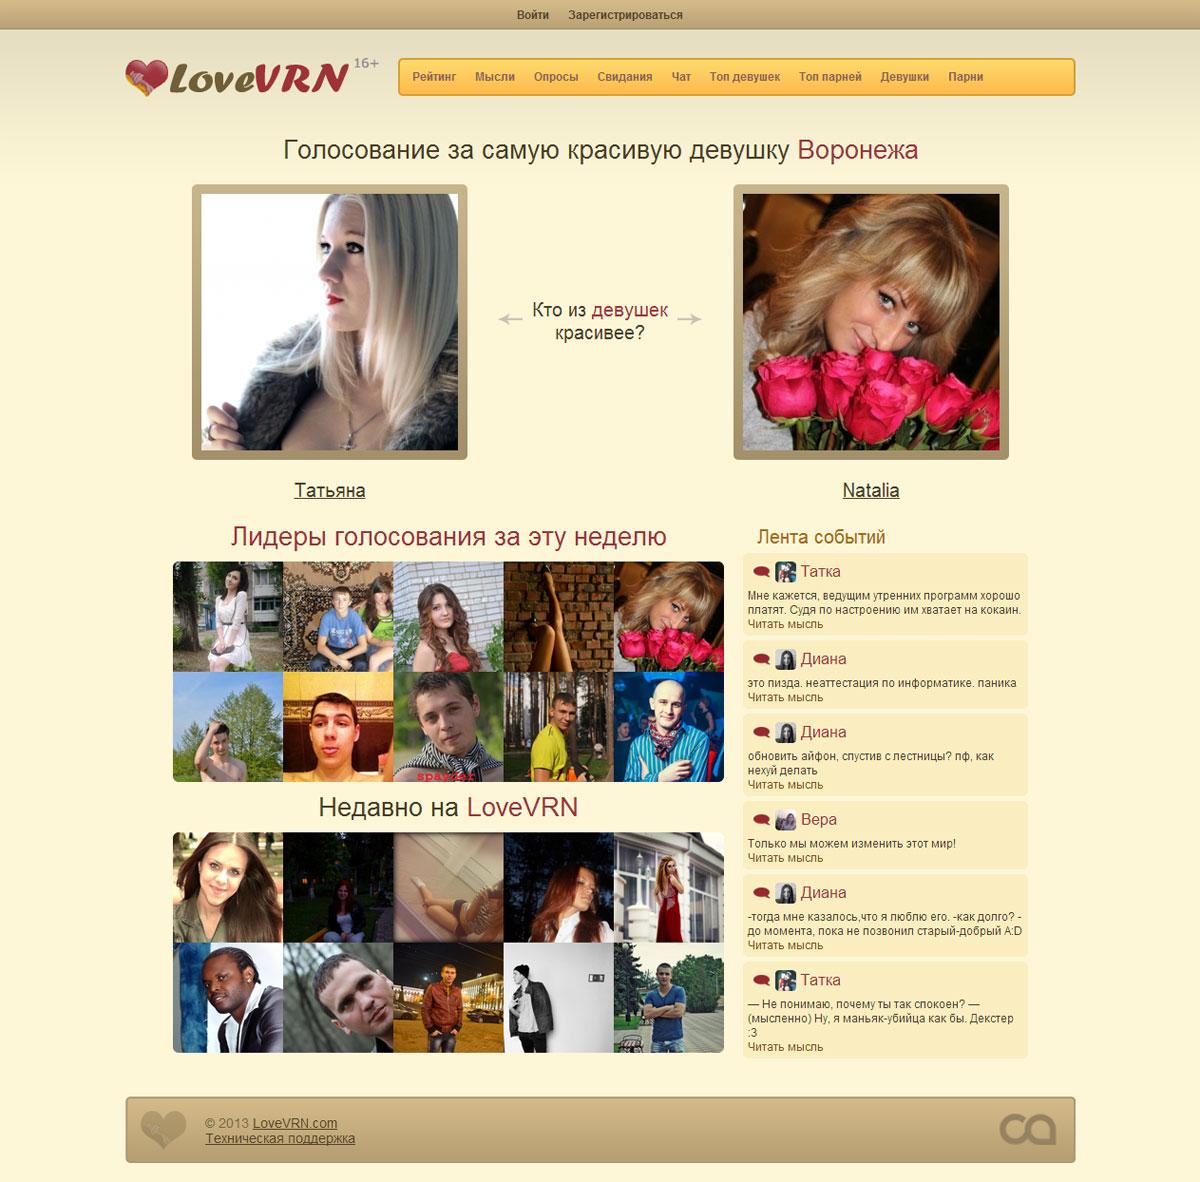 Сайт знакомств LoveVRN купить